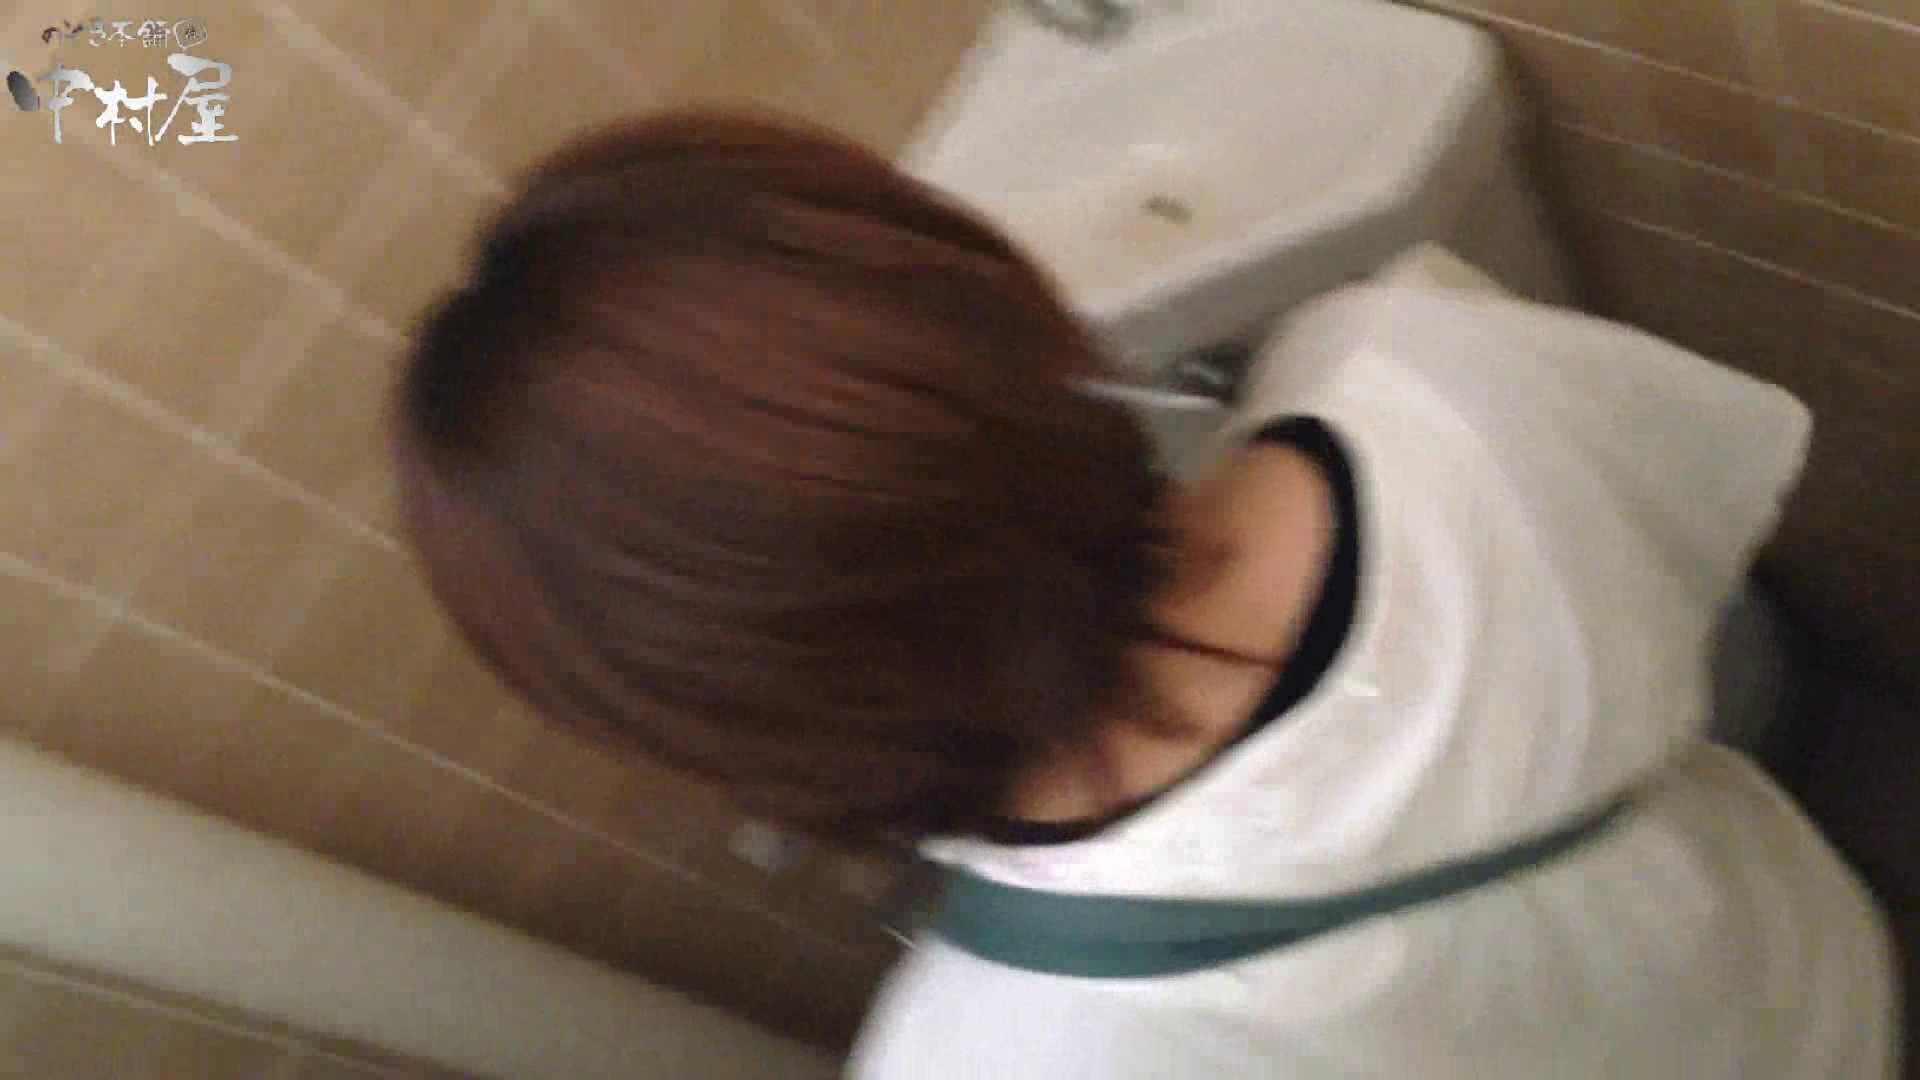 部活女子トイレ潜入編vol.5 女子トイレ編   盗撮シリーズ  109PIX 65